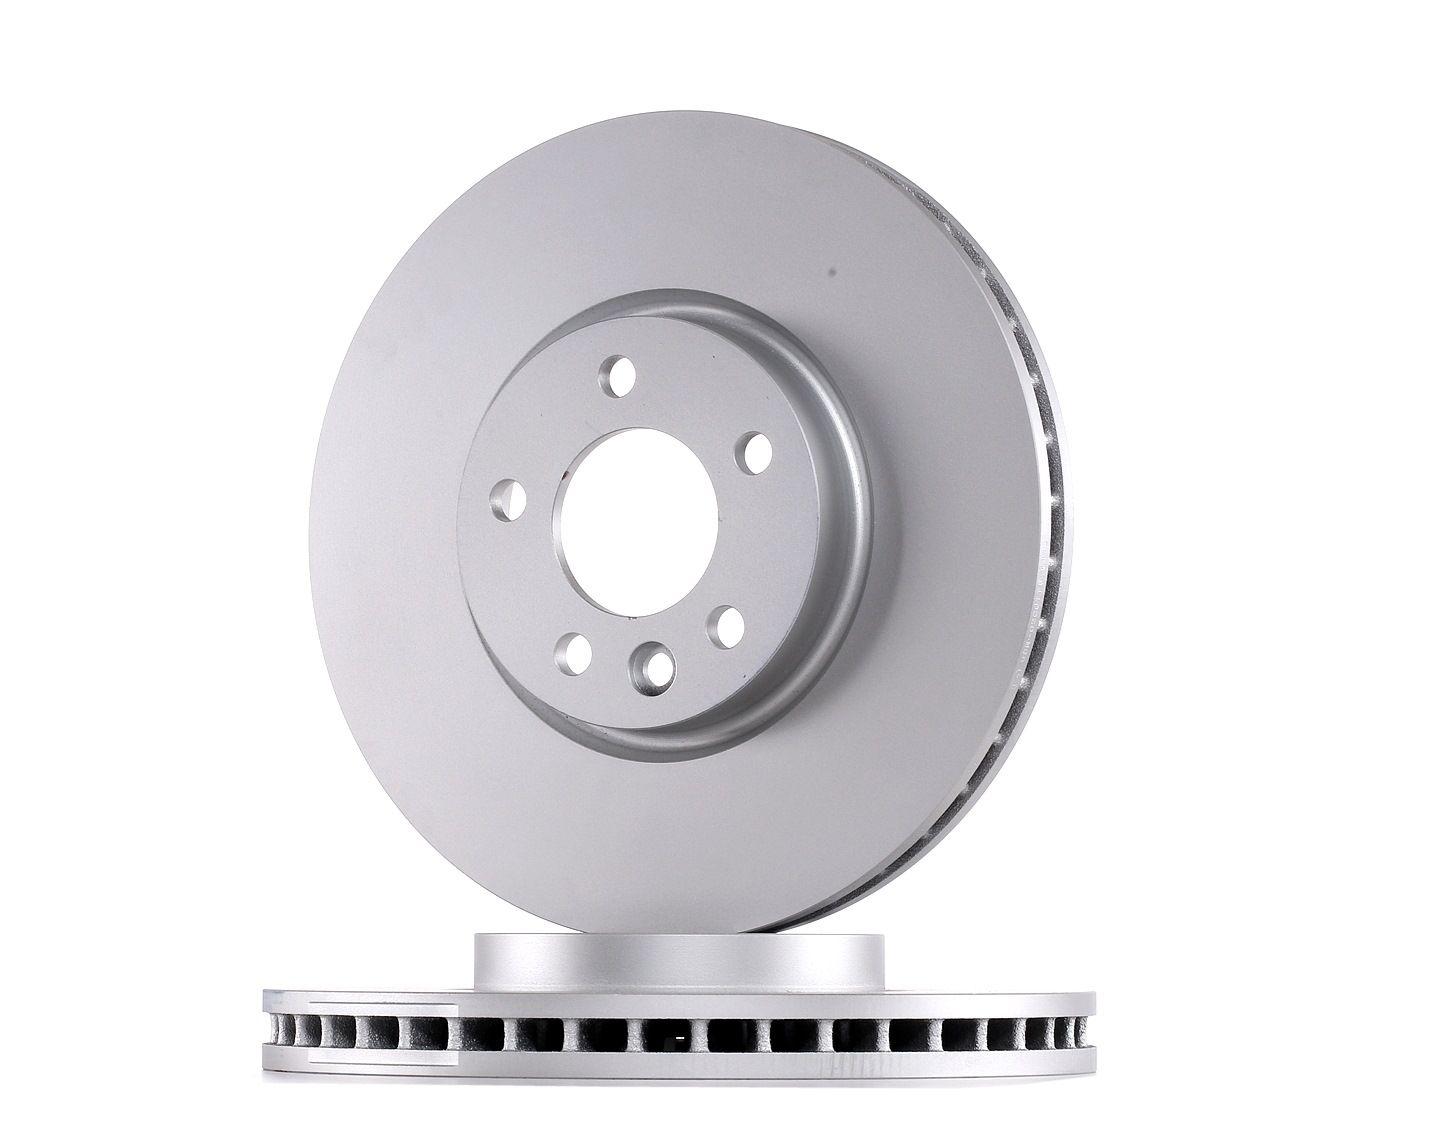 Achetez Disque ATE 24.0133-0100.1 (Ø: 340,0mm, Nbre de trous: 5, Épaisseur du disque de frein: 32,6mm) à un rapport qualité-prix exceptionnel